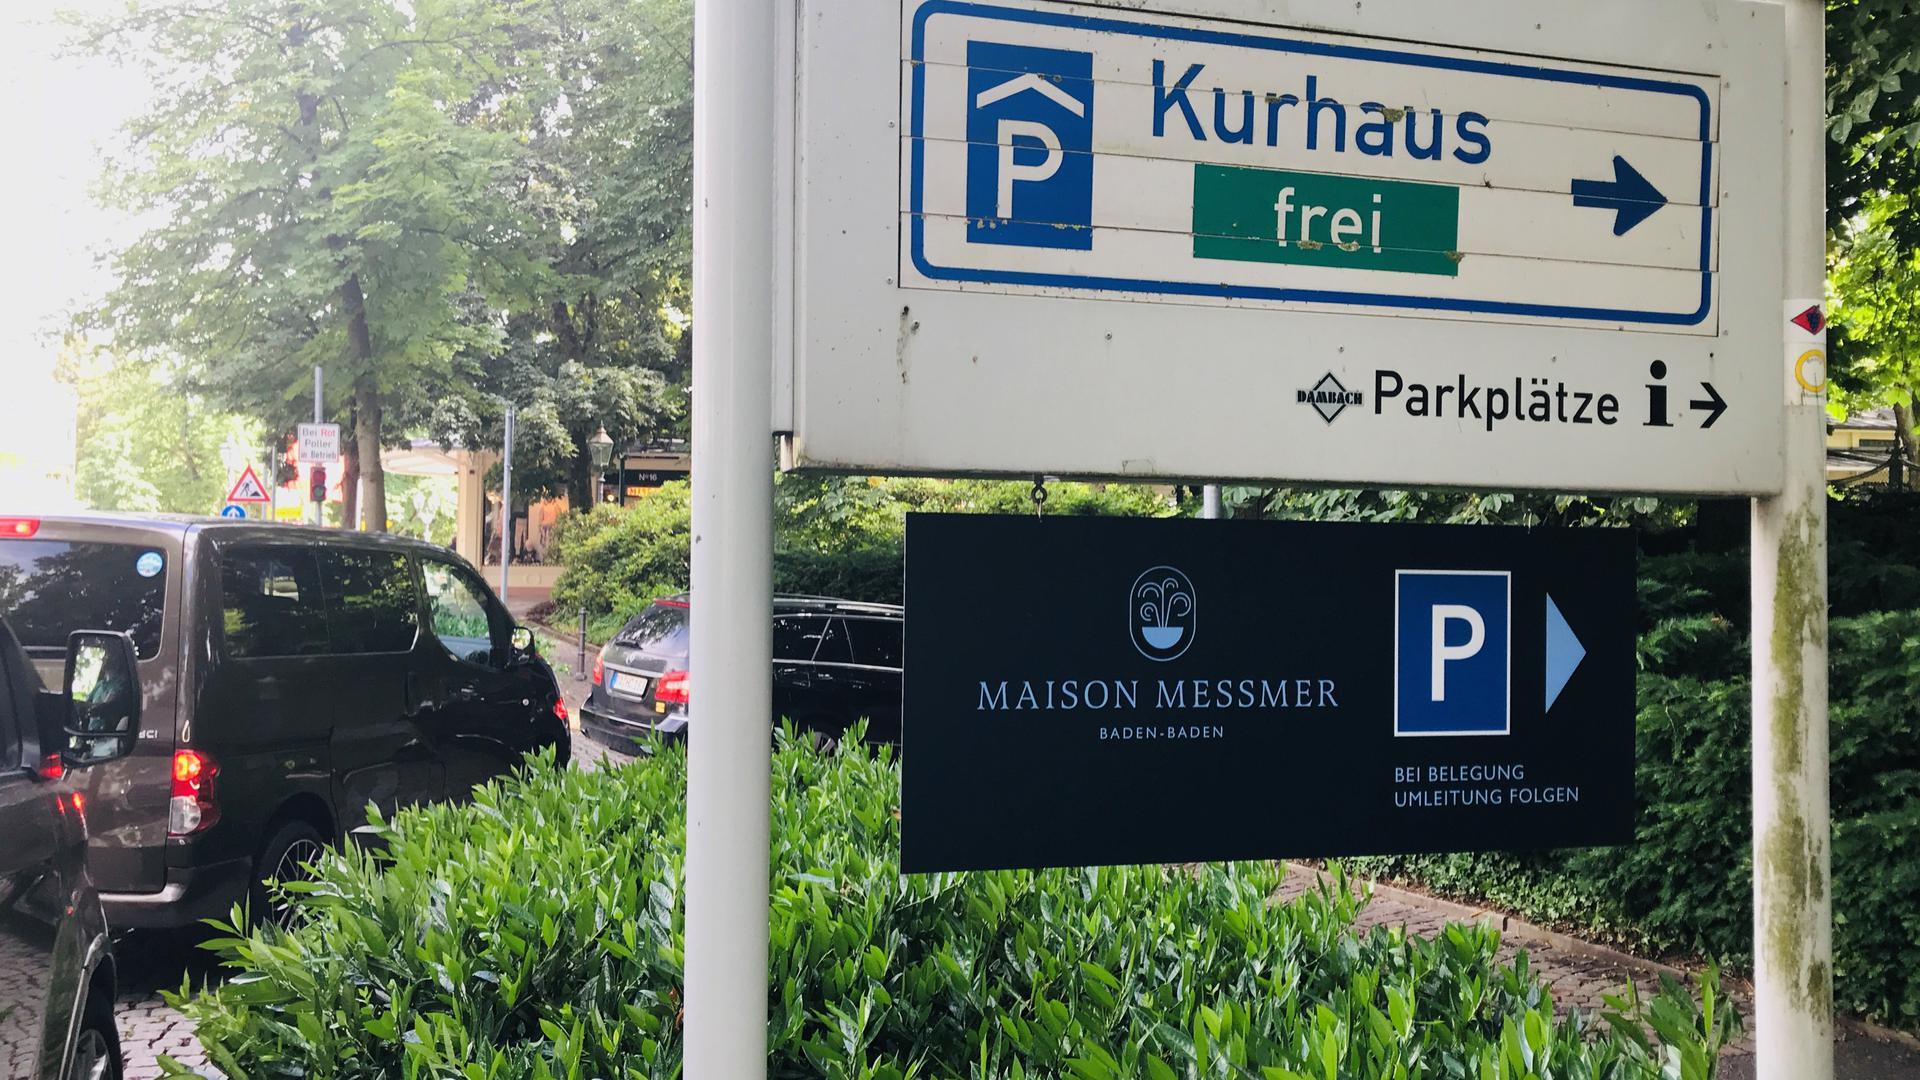 Vor der Einfahrt zur Kurhausgarage in Baden-Baden stehen Autos.